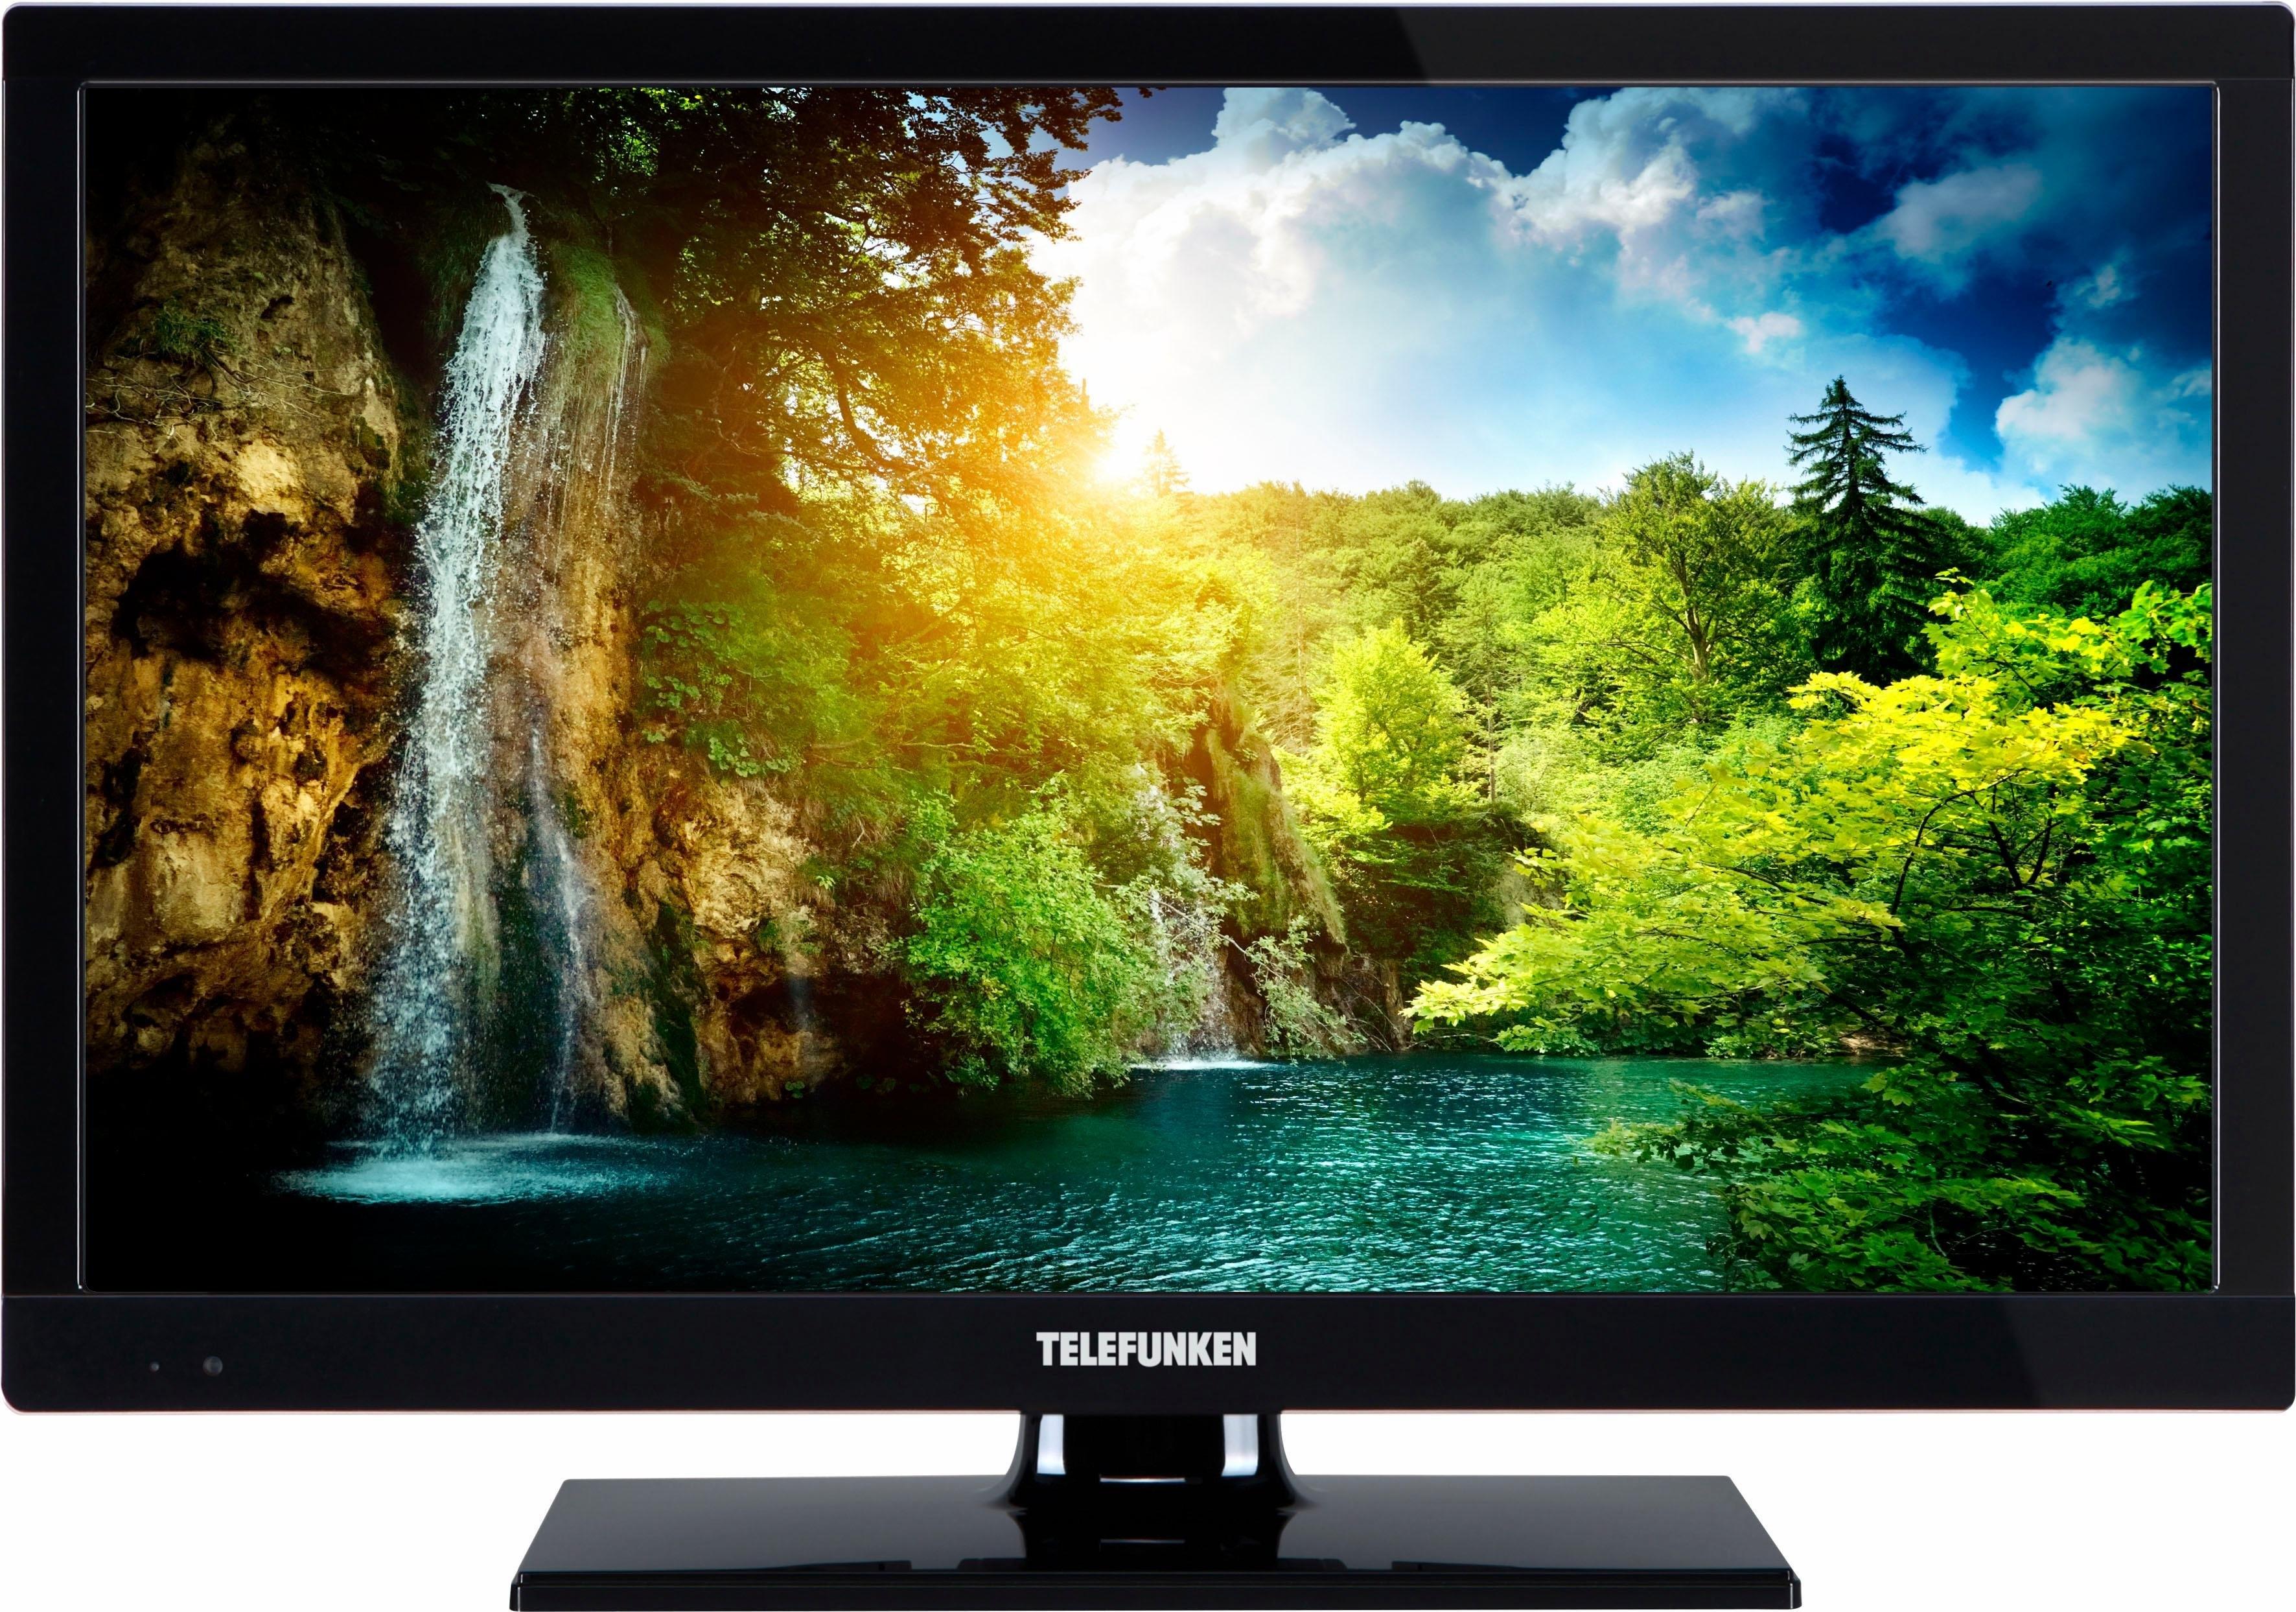 Telefunken L24H283M4, LED TV, 61 cm (24 inch, HD Ready) nu online bestellen